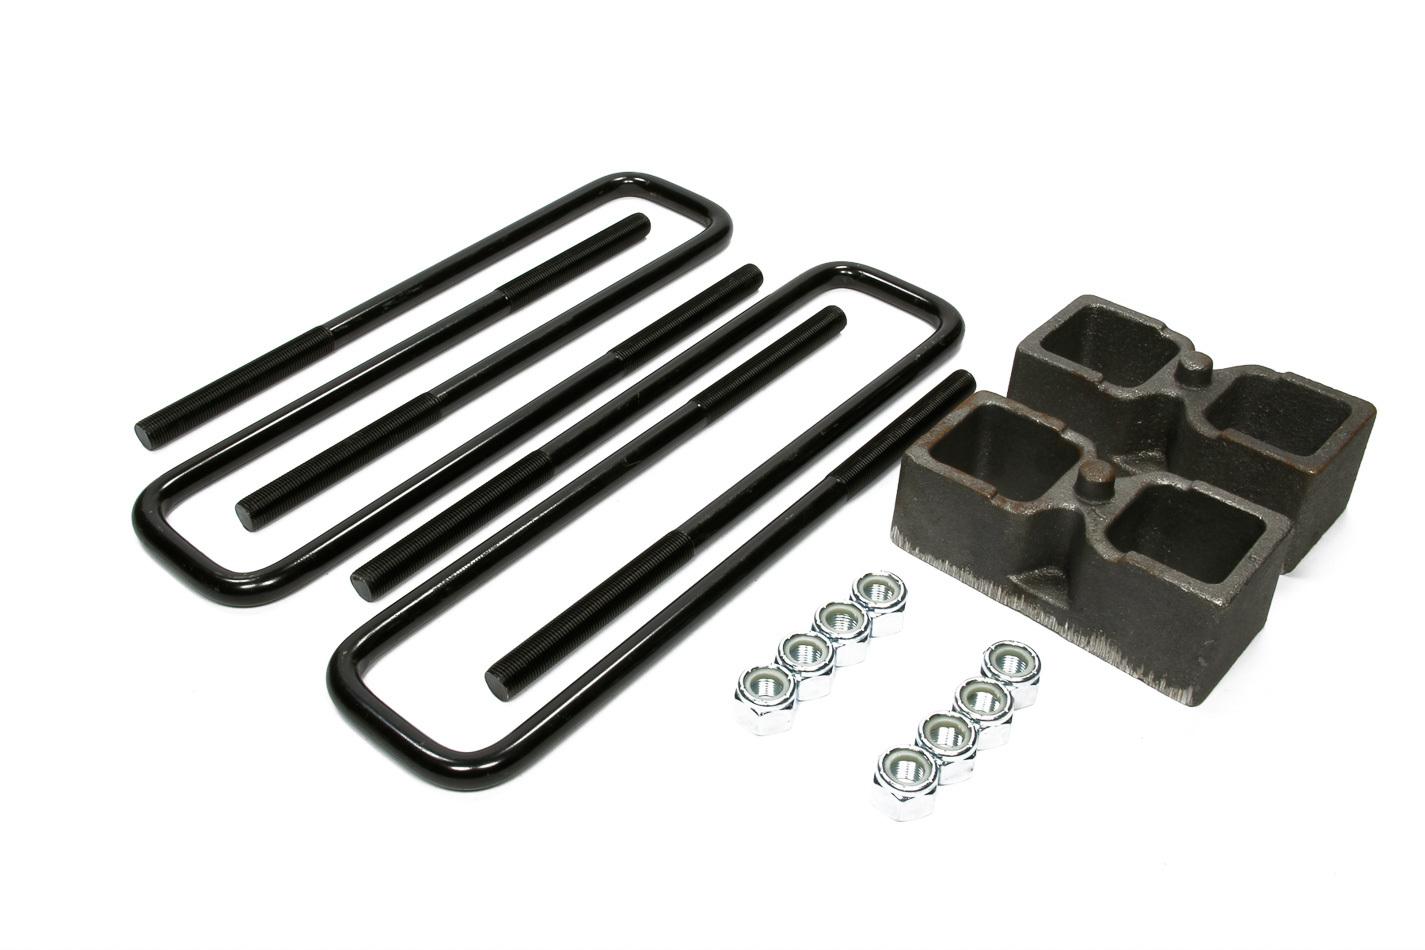 Skyjacker Rear Block Kit 2in with U-Bolts